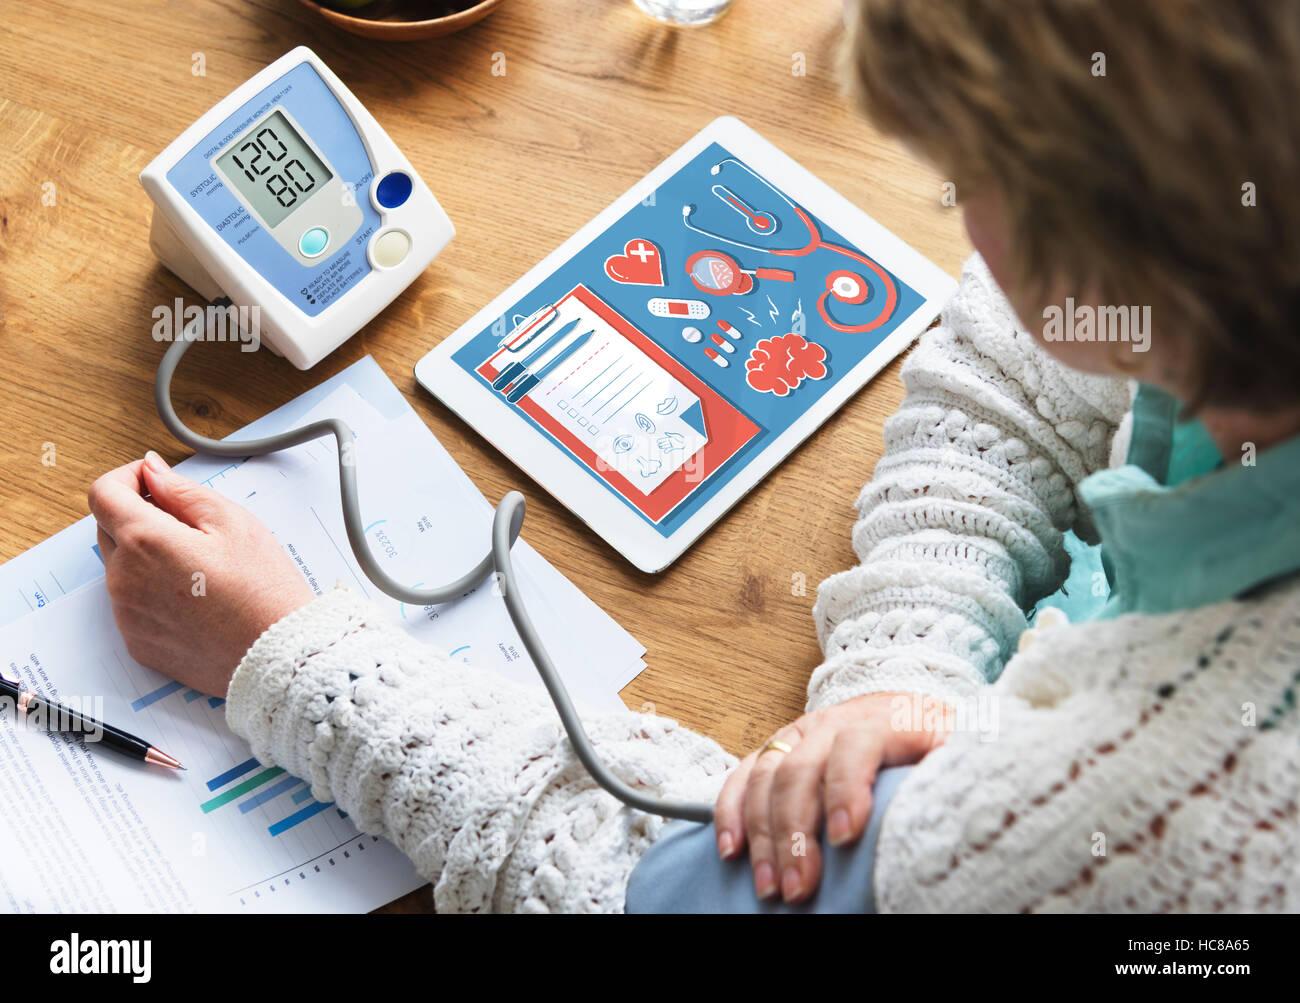 Salute Medicina assicurativa Checkup concetto grafico Immagini Stock